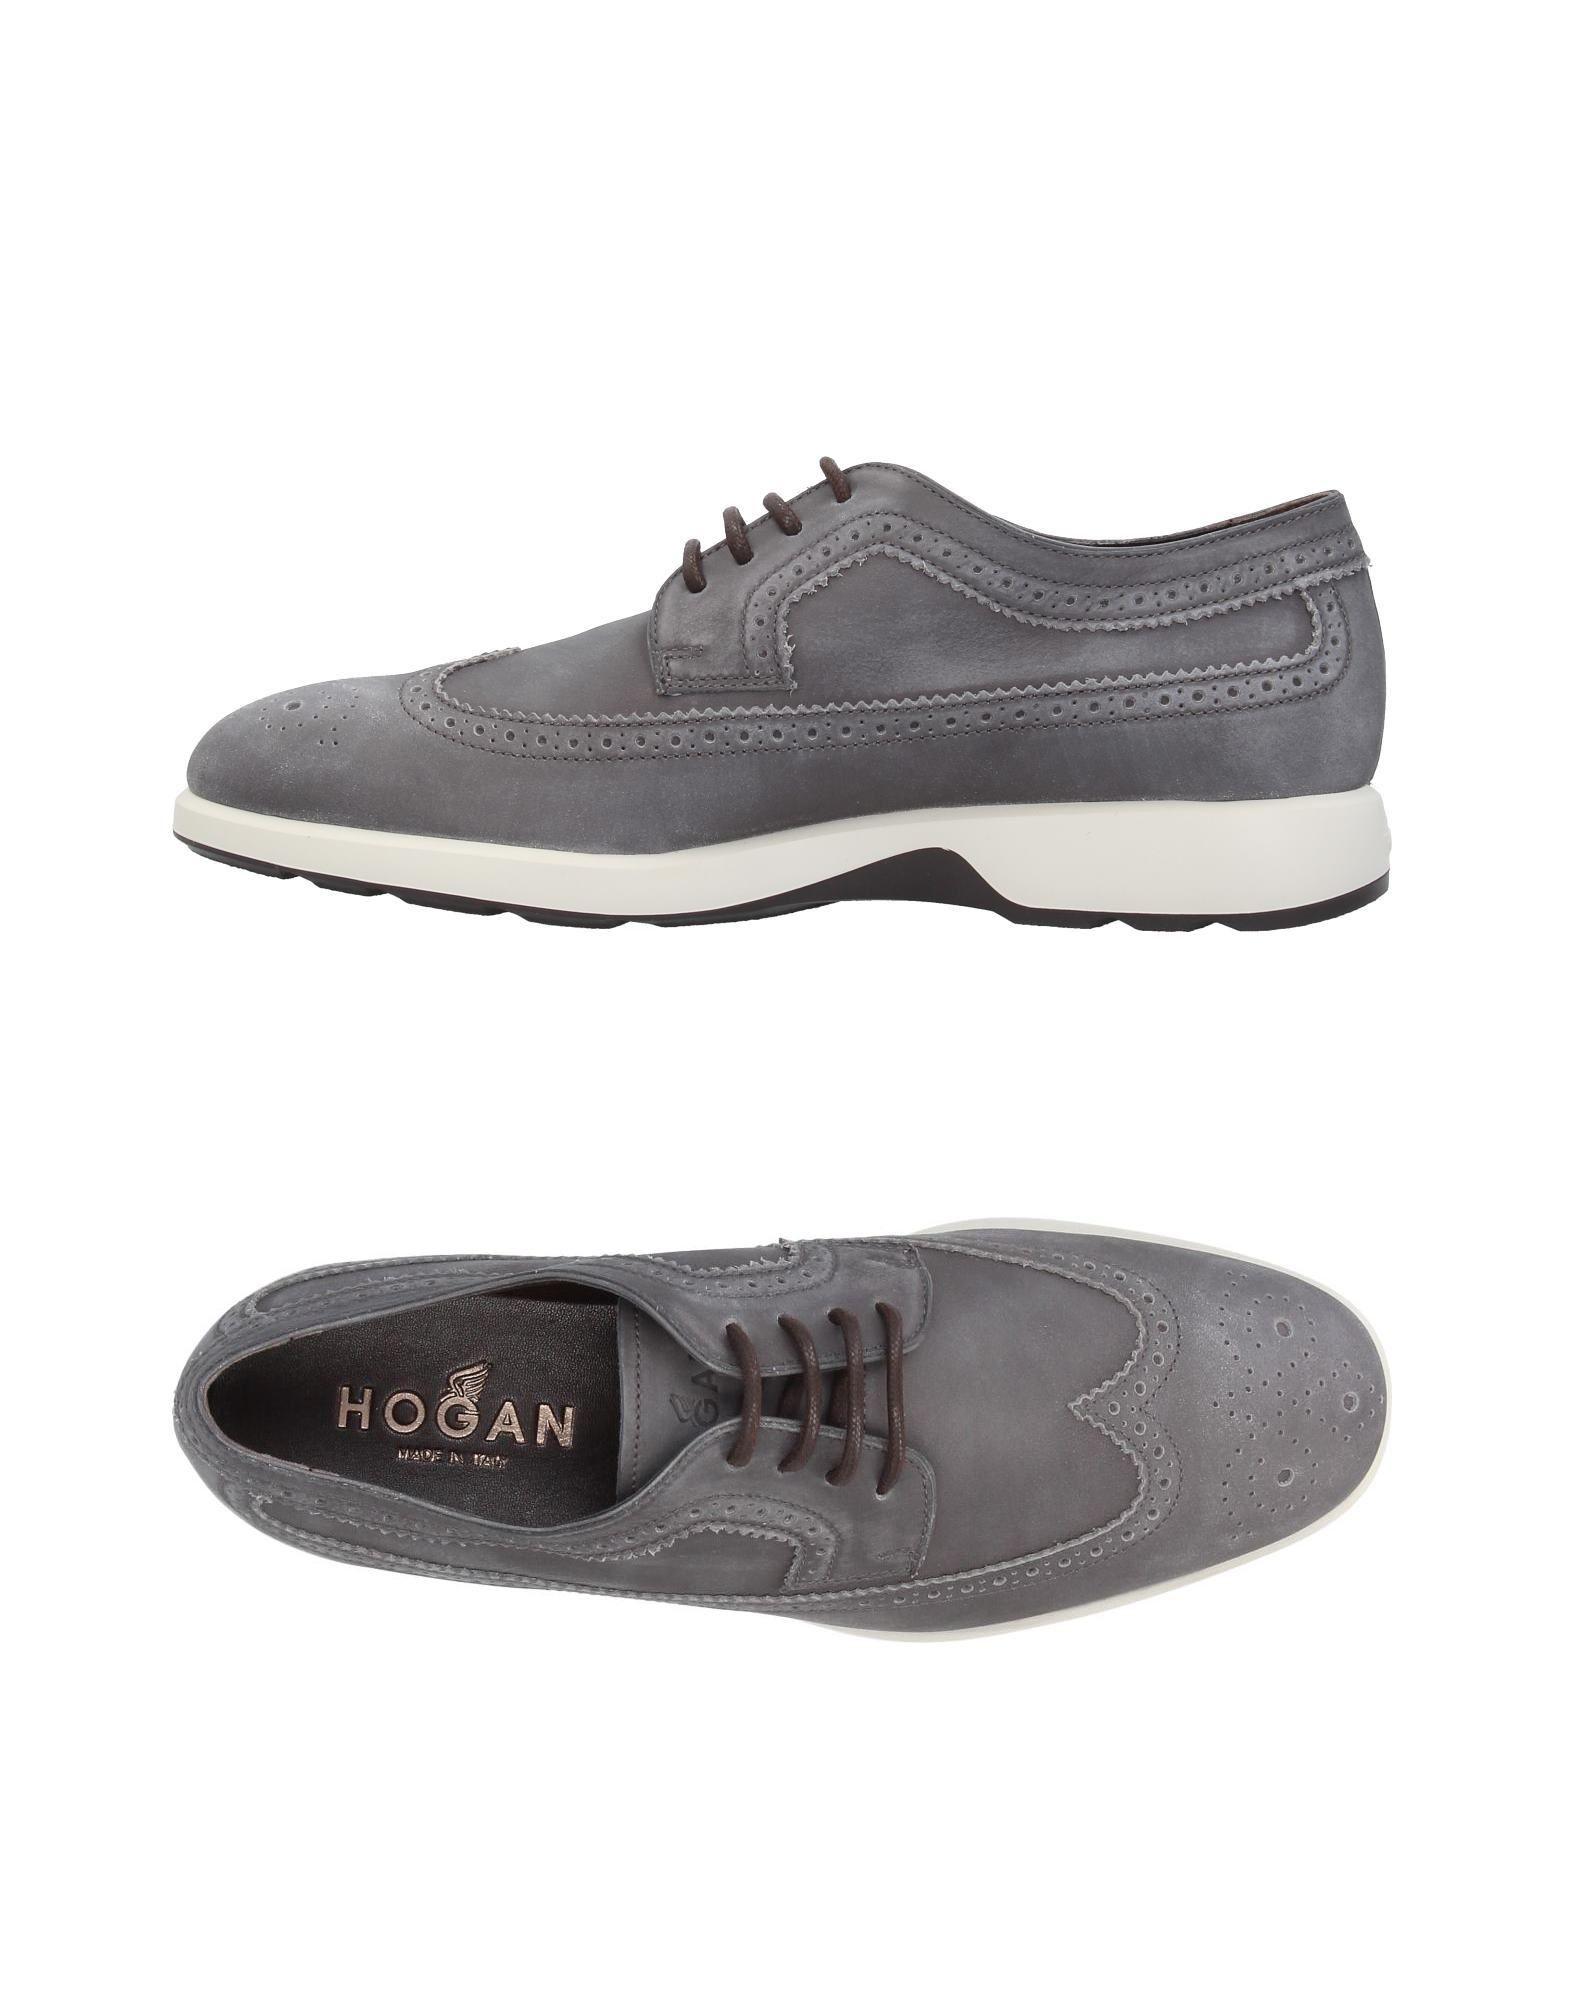 Hogan Schnürschuhe Herren  11397175CA Gute Qualität beliebte Schuhe